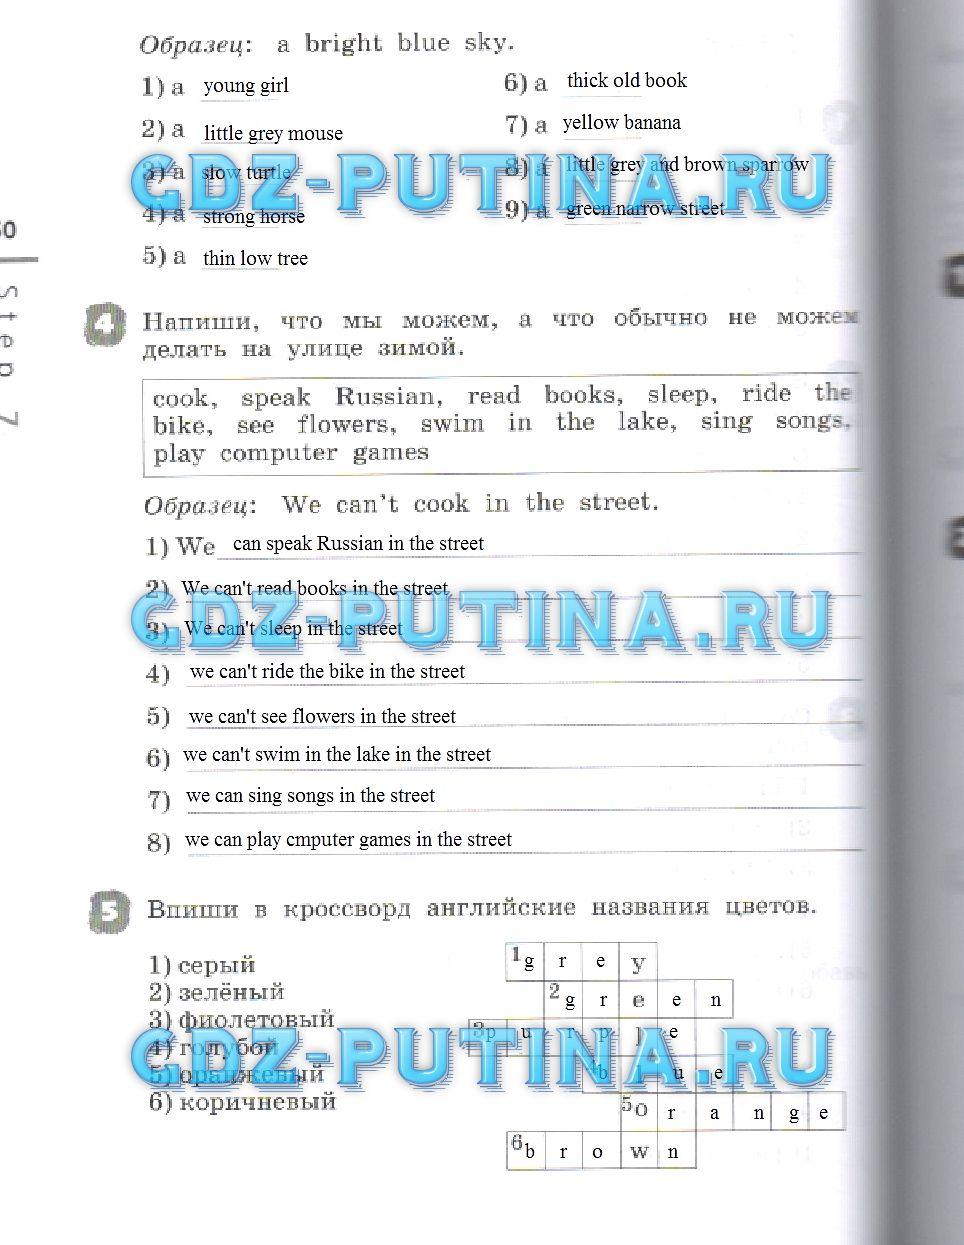 Решебник по английскому языку 6 класс рабочая тетрадь фгос афанасьева